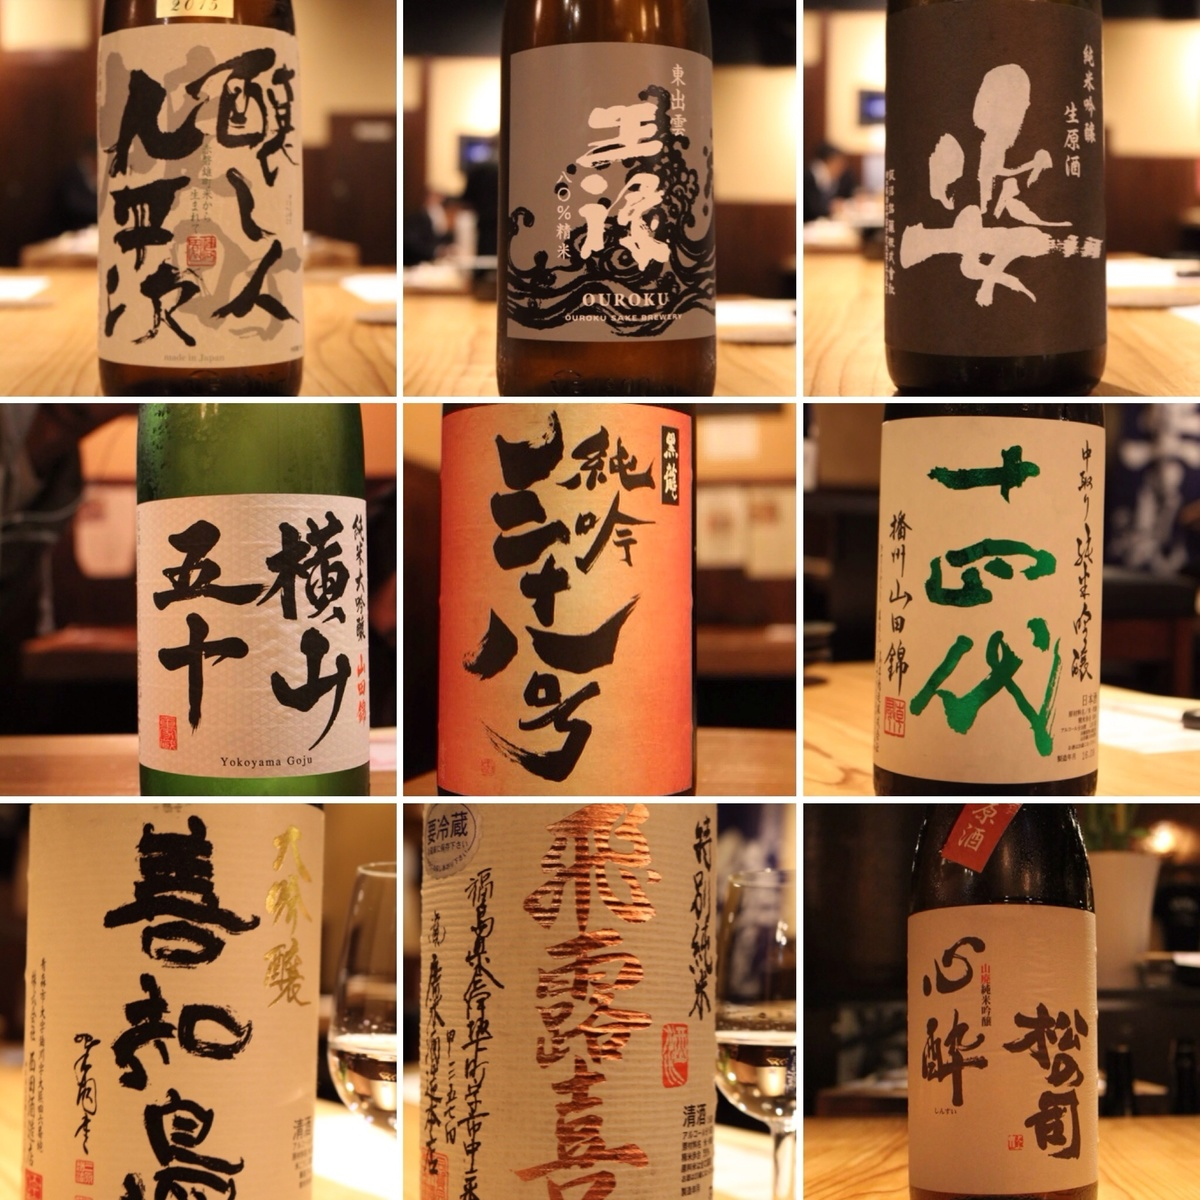 全友畅饮级启动两个小时内2500日元(单独收费)